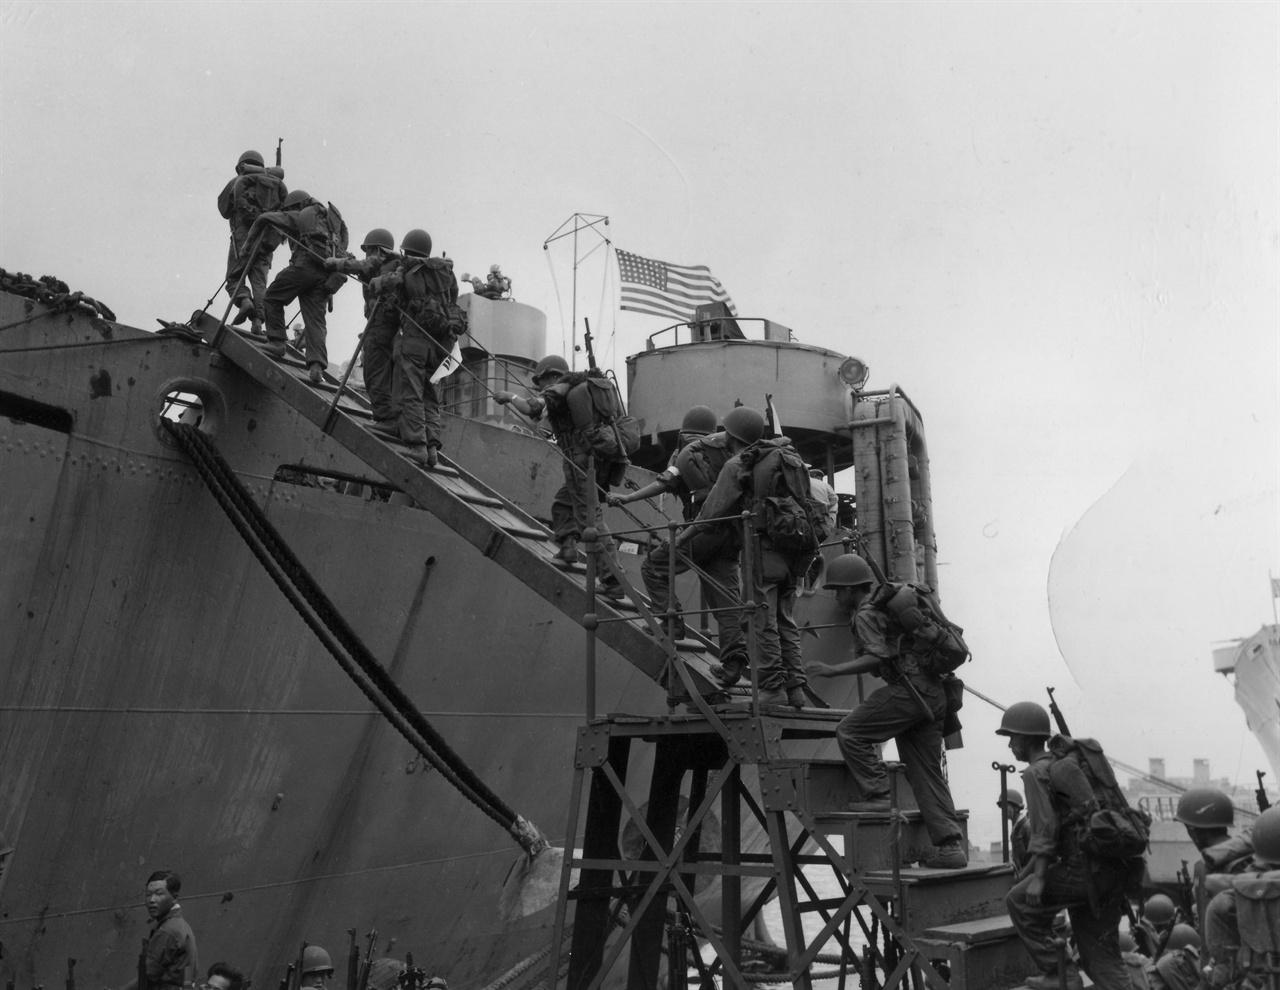 2. 한국 해병대가 인천상륙작전에 참가하고자 군함에 오르고 있다(1950. 9.).